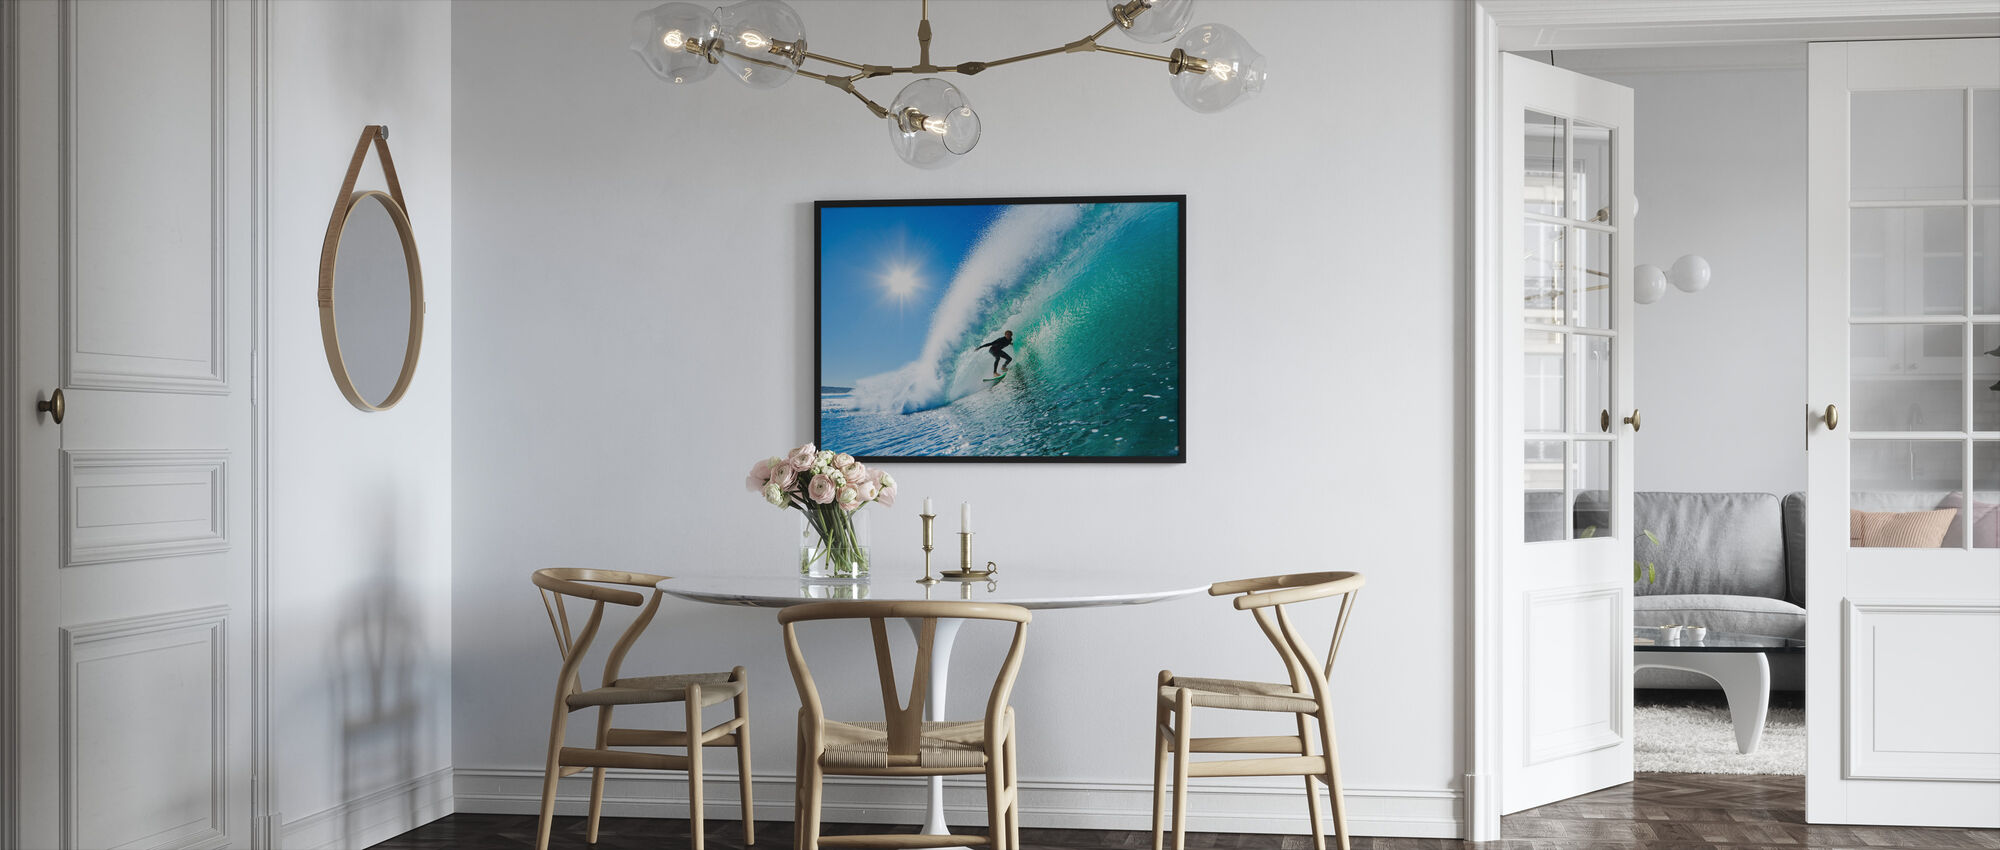 Surfing - Indrammet billede - Køkken